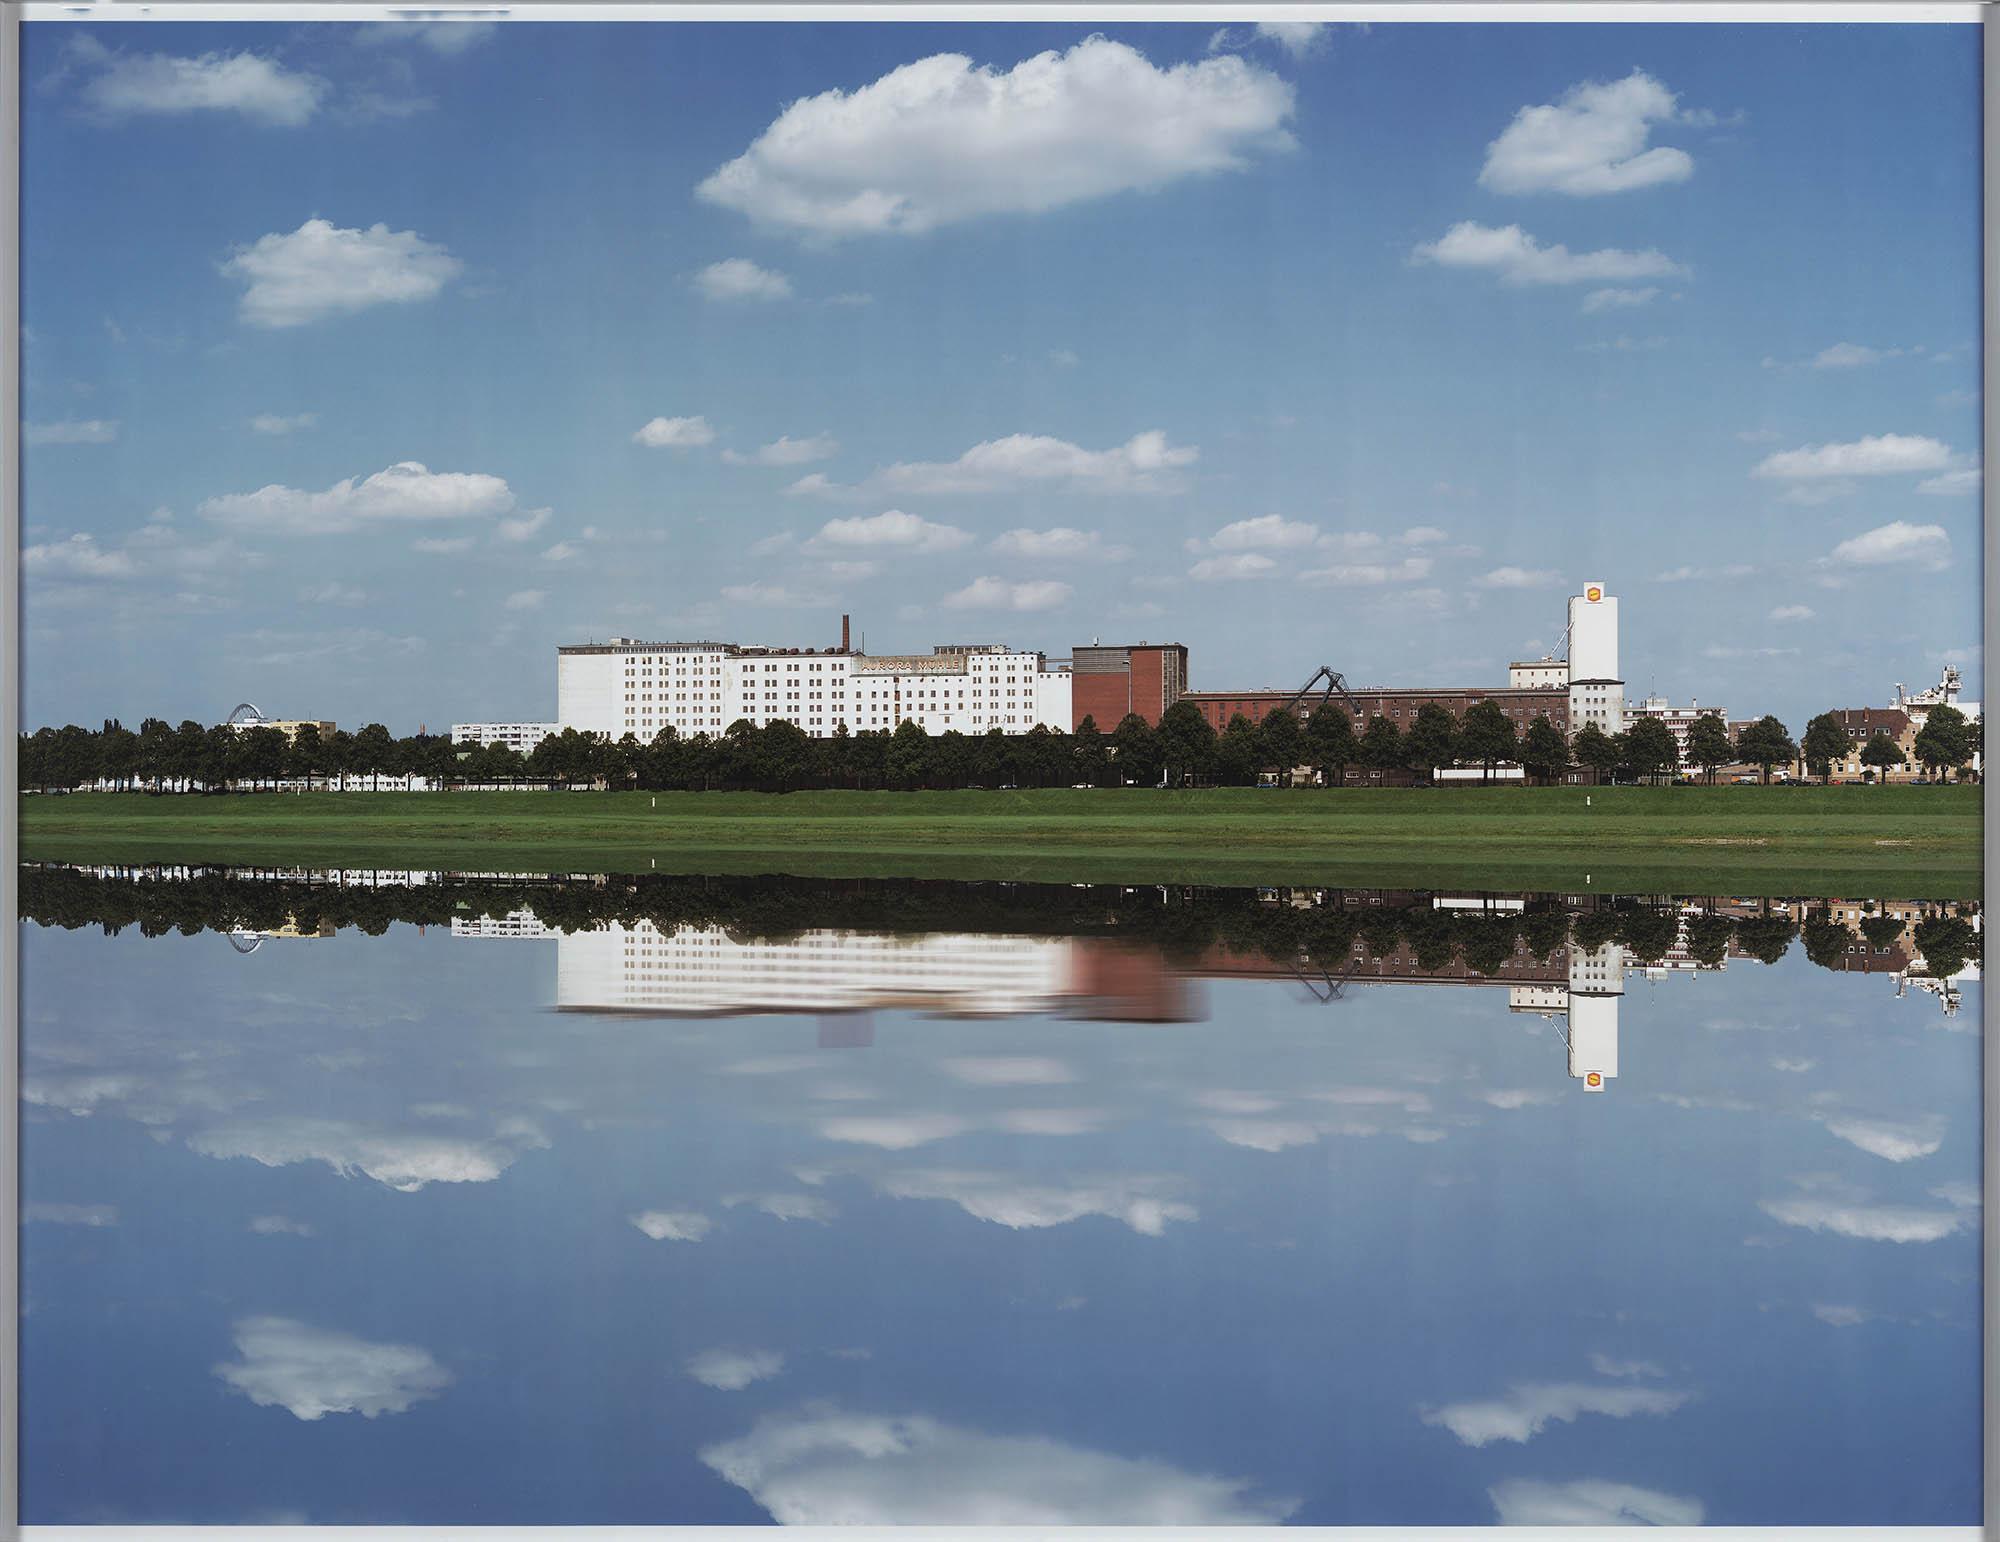 Florian Maier Aichen, Factory, 2001